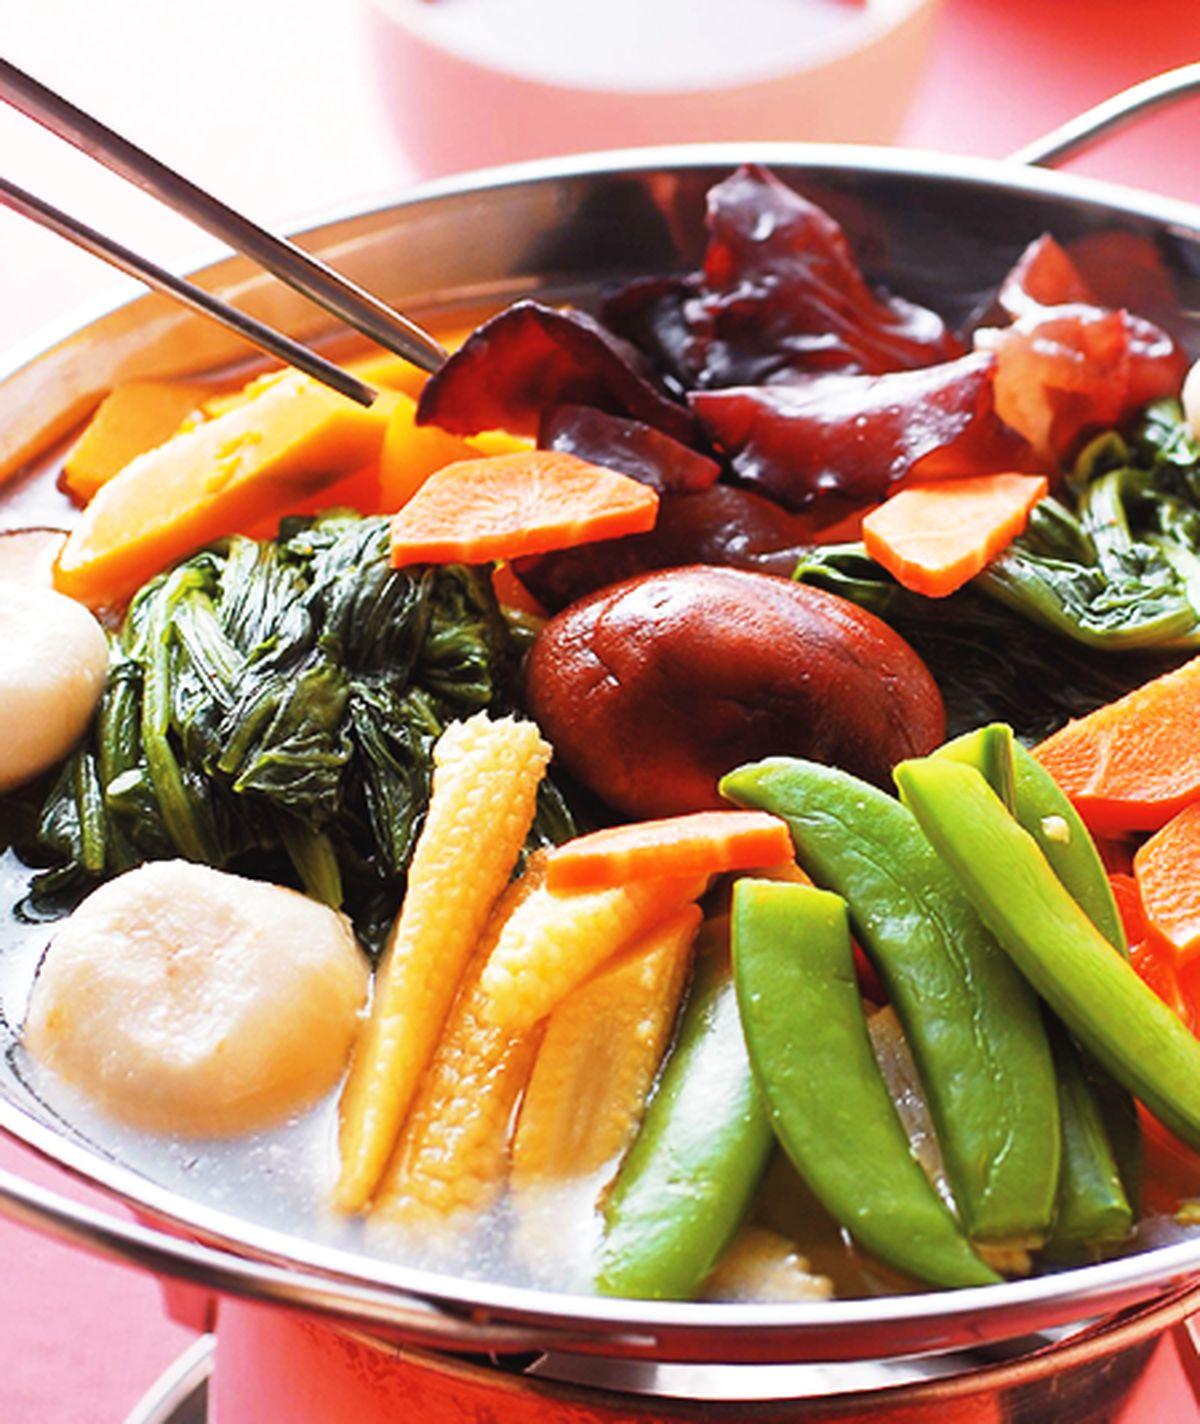 食譜:什錦蔬菜鍋